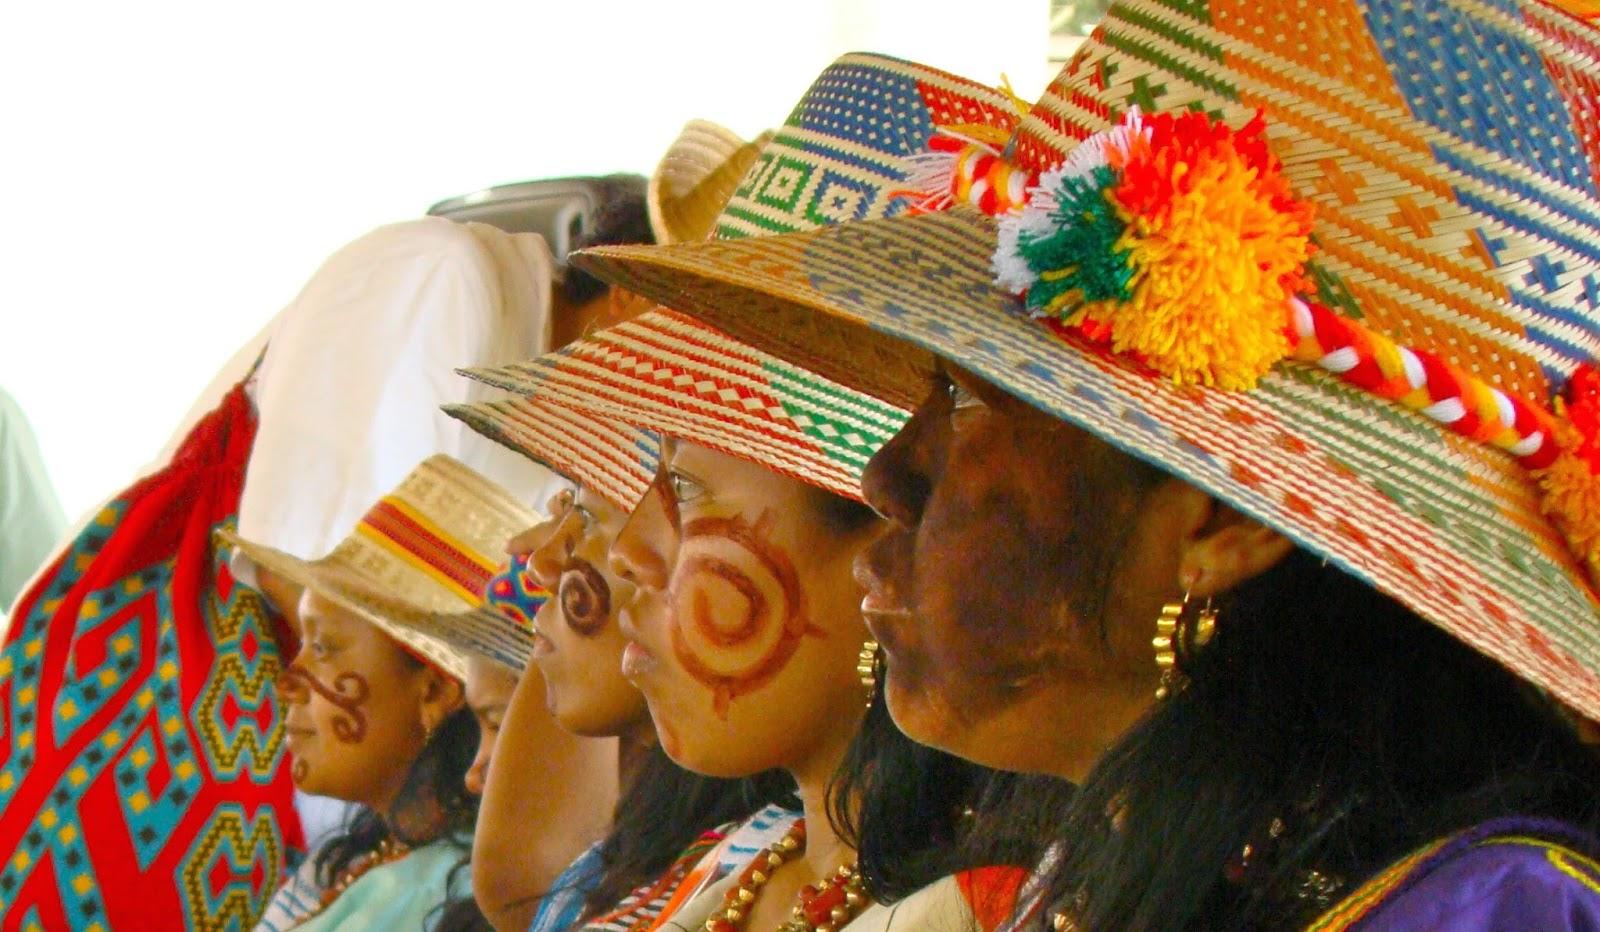 cultura wayuu, colombianos